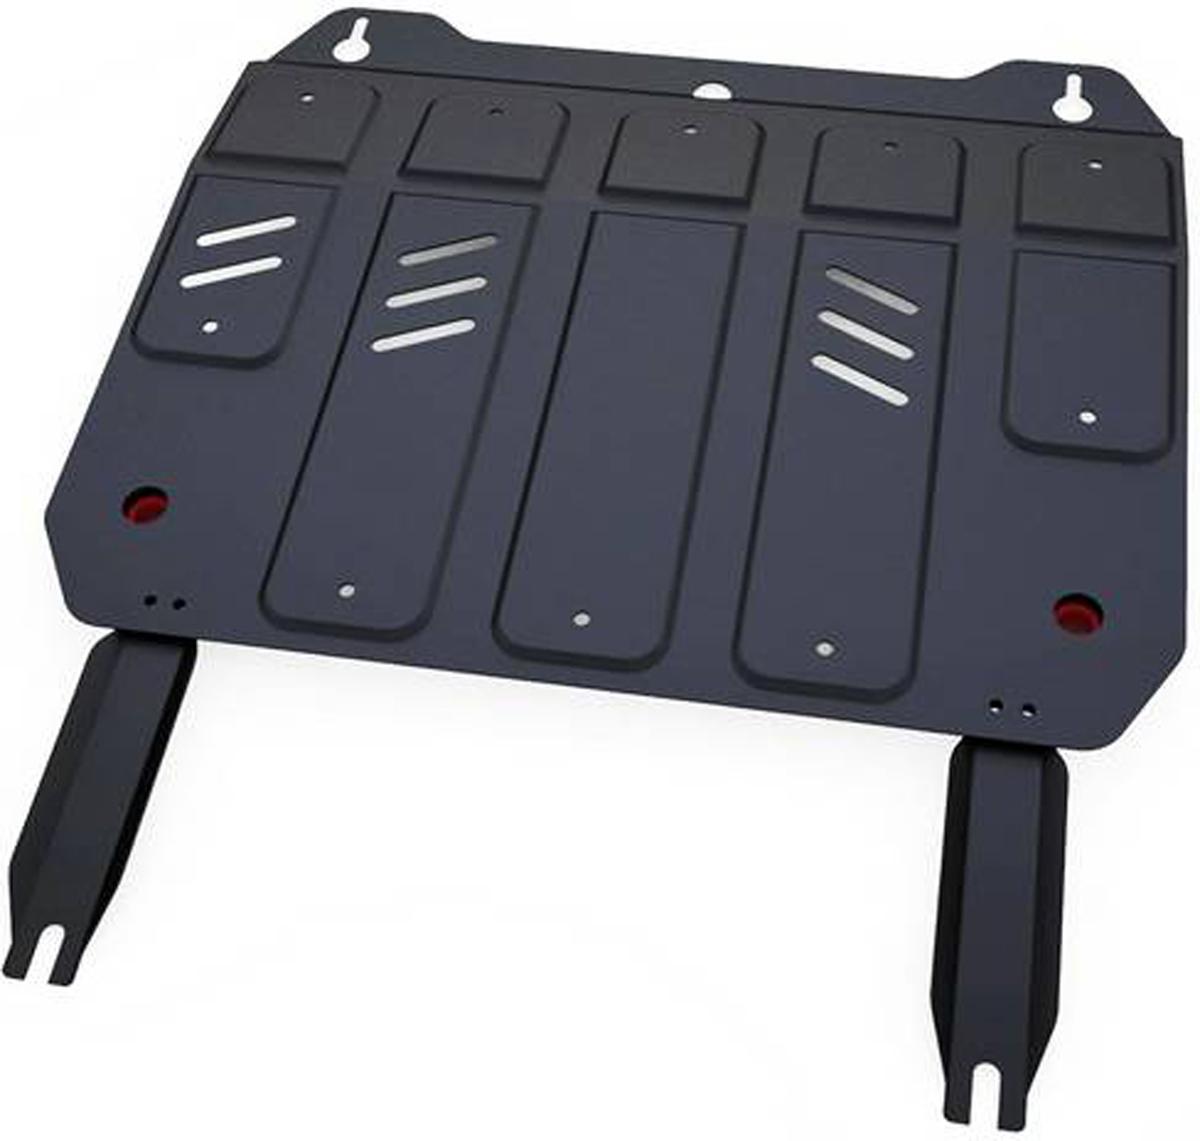 Защита картера и КПП Автоброня Geely MK 2008-/Geely GC6 2014-/Geely MK Cross 2011-, сталь 2 мм111.01912.1Защита картера и КПП Автоброня для Geely MK, V - 1,5 2008-/Geely GC6, V - 1,5 2014-/Geely MK Cross, V - 1,5 2011-, сталь 2 мм, комплект крепежа, 111.01912.1Стальные защиты Автоброня надежно защищают ваш автомобиль от повреждений при наезде на бордюры, выступающие канализационные люки, кромки поврежденного асфальта или при ремонте дорог, не говоря уже о загородных дорогах.- Имеют оптимальное соотношение цена-качество.- Спроектированы с учетом особенностей автомобиля, что делает установку удобной.- Защита устанавливается в штатные места кузова автомобиля.- Является надежной защитой для важных элементов на протяжении долгих лет.- Глубокий штамп дополнительно усиливает конструкцию защиты.- Подштамповка в местах крепления защищает крепеж от срезания.- Технологические отверстия там, где они необходимы для смены масла и слива воды, оборудованные заглушками, закрепленными на защите.Толщина стали 2 мм.В комплекте крепеж и инструкция по установке.Уважаемые клиенты!Обращаем ваше внимание на тот факт, что защита имеет форму, соответствующую модели данного автомобиля. Наличие глубокого штампа и лючков для смены фильтров/масла предусмотрено не на всех защитах. Фото служит для визуального восприятия товара.